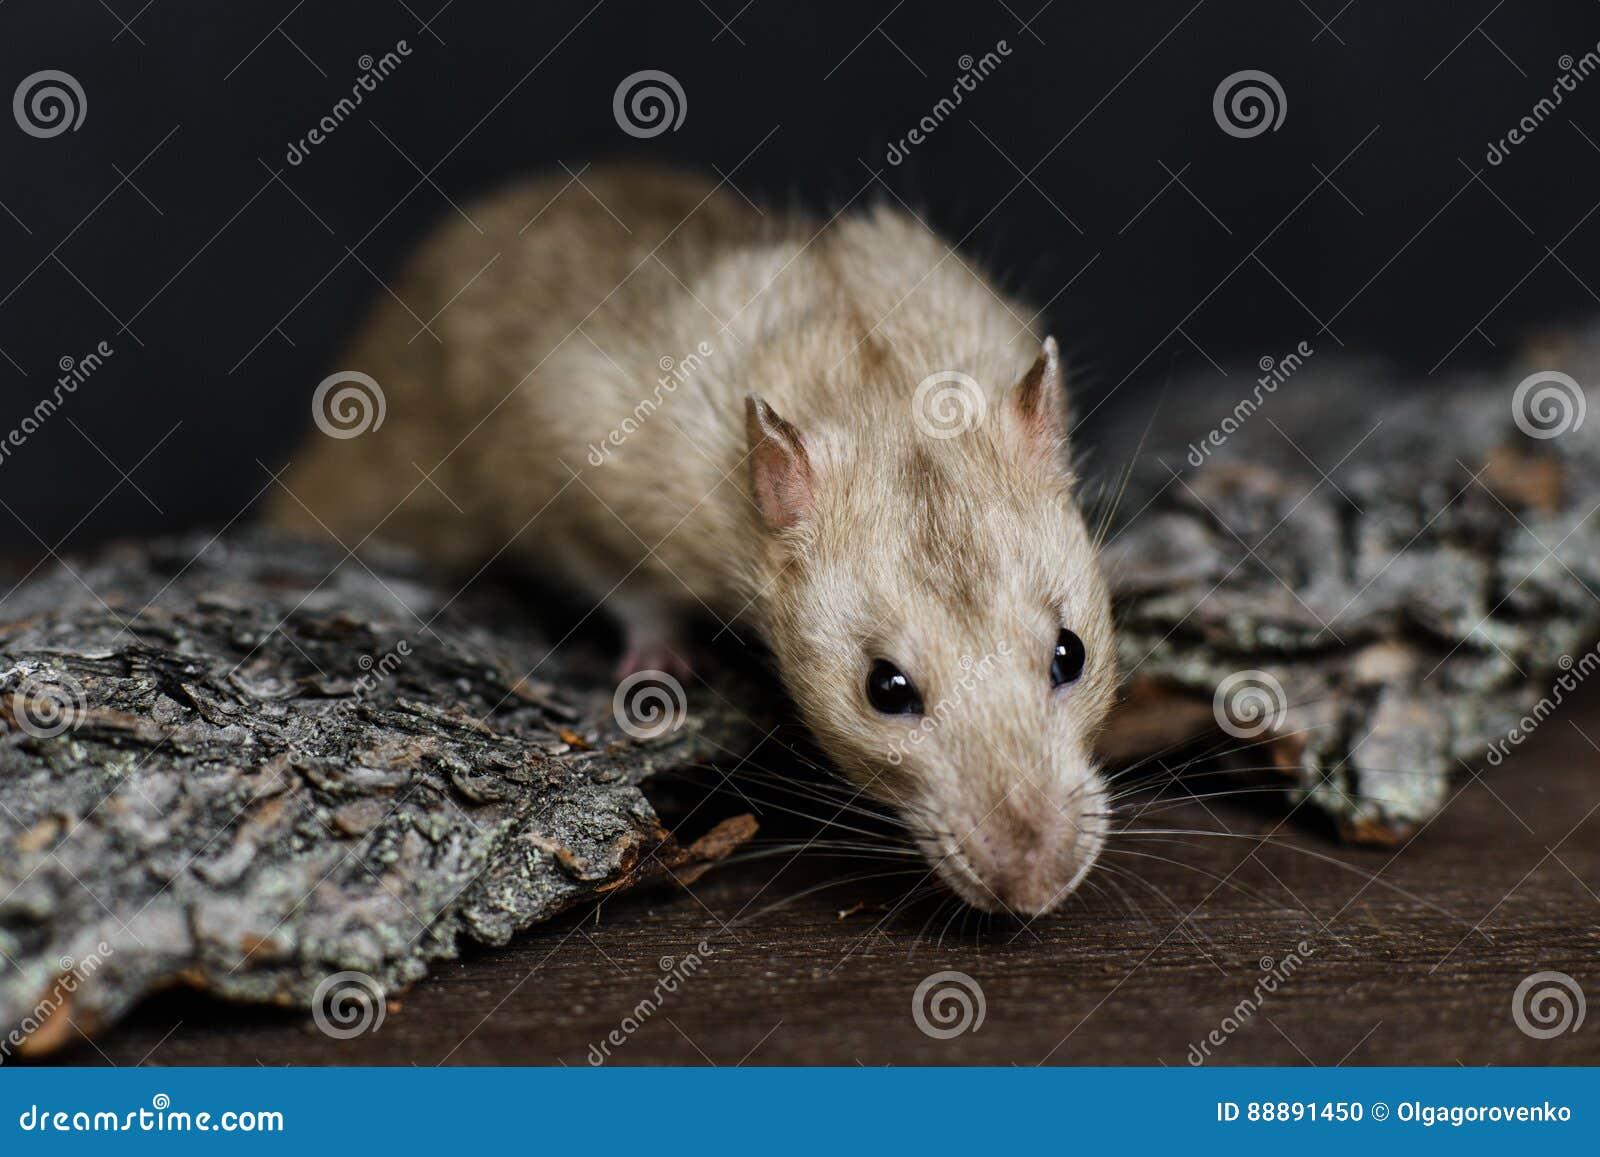 灰色花梢鼠劫掠的食物